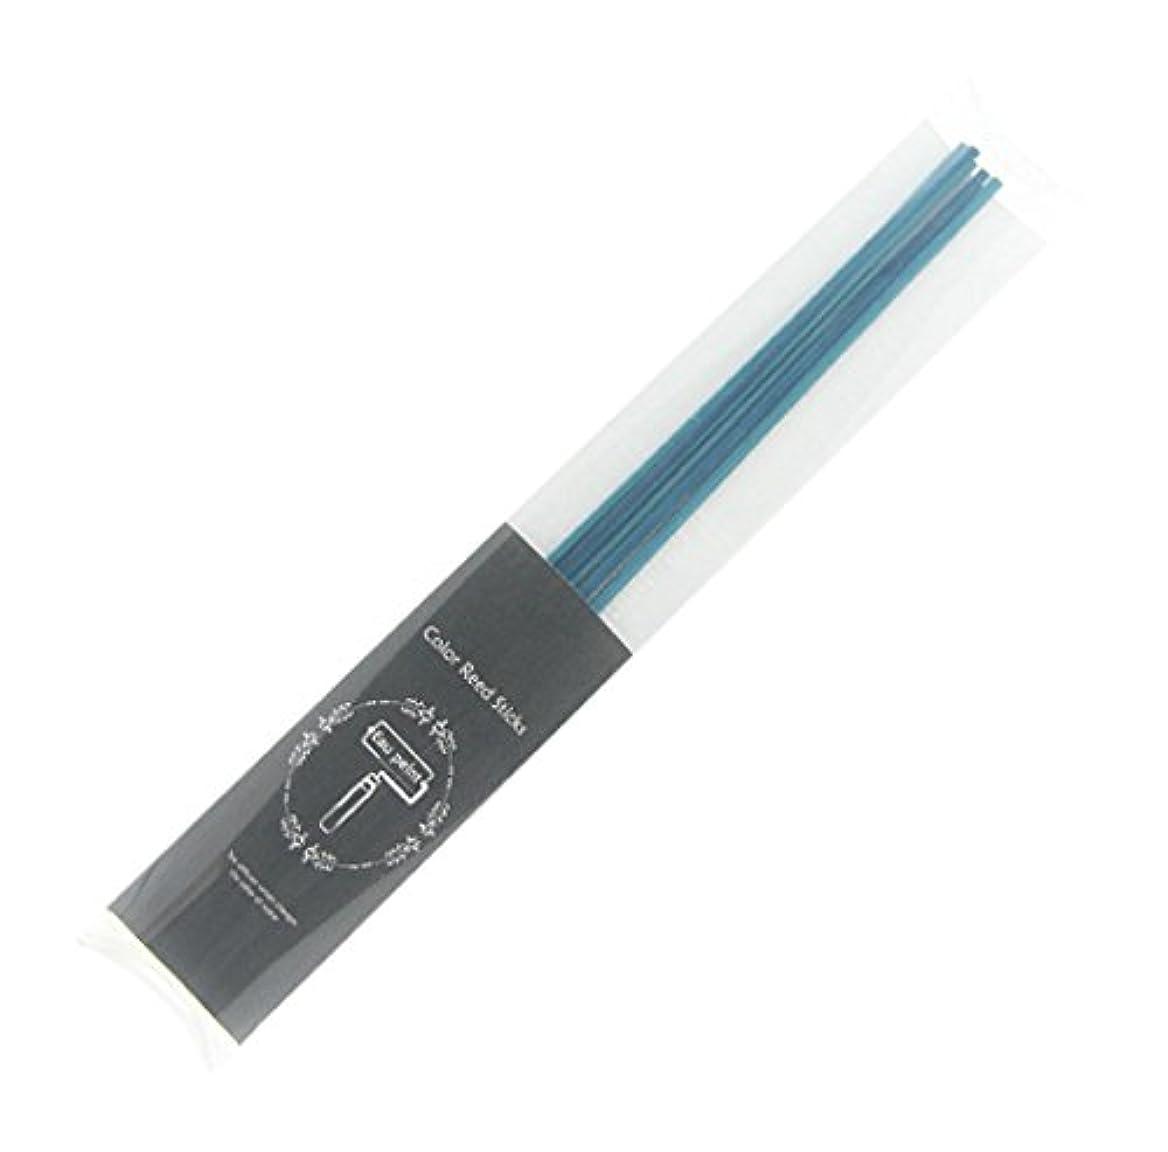 熱意漏斗世界記録のギネスブックEau peint mais+ カラースティック リードディフューザー用スティック 5本入 ブルー Blue オーペイント マイス